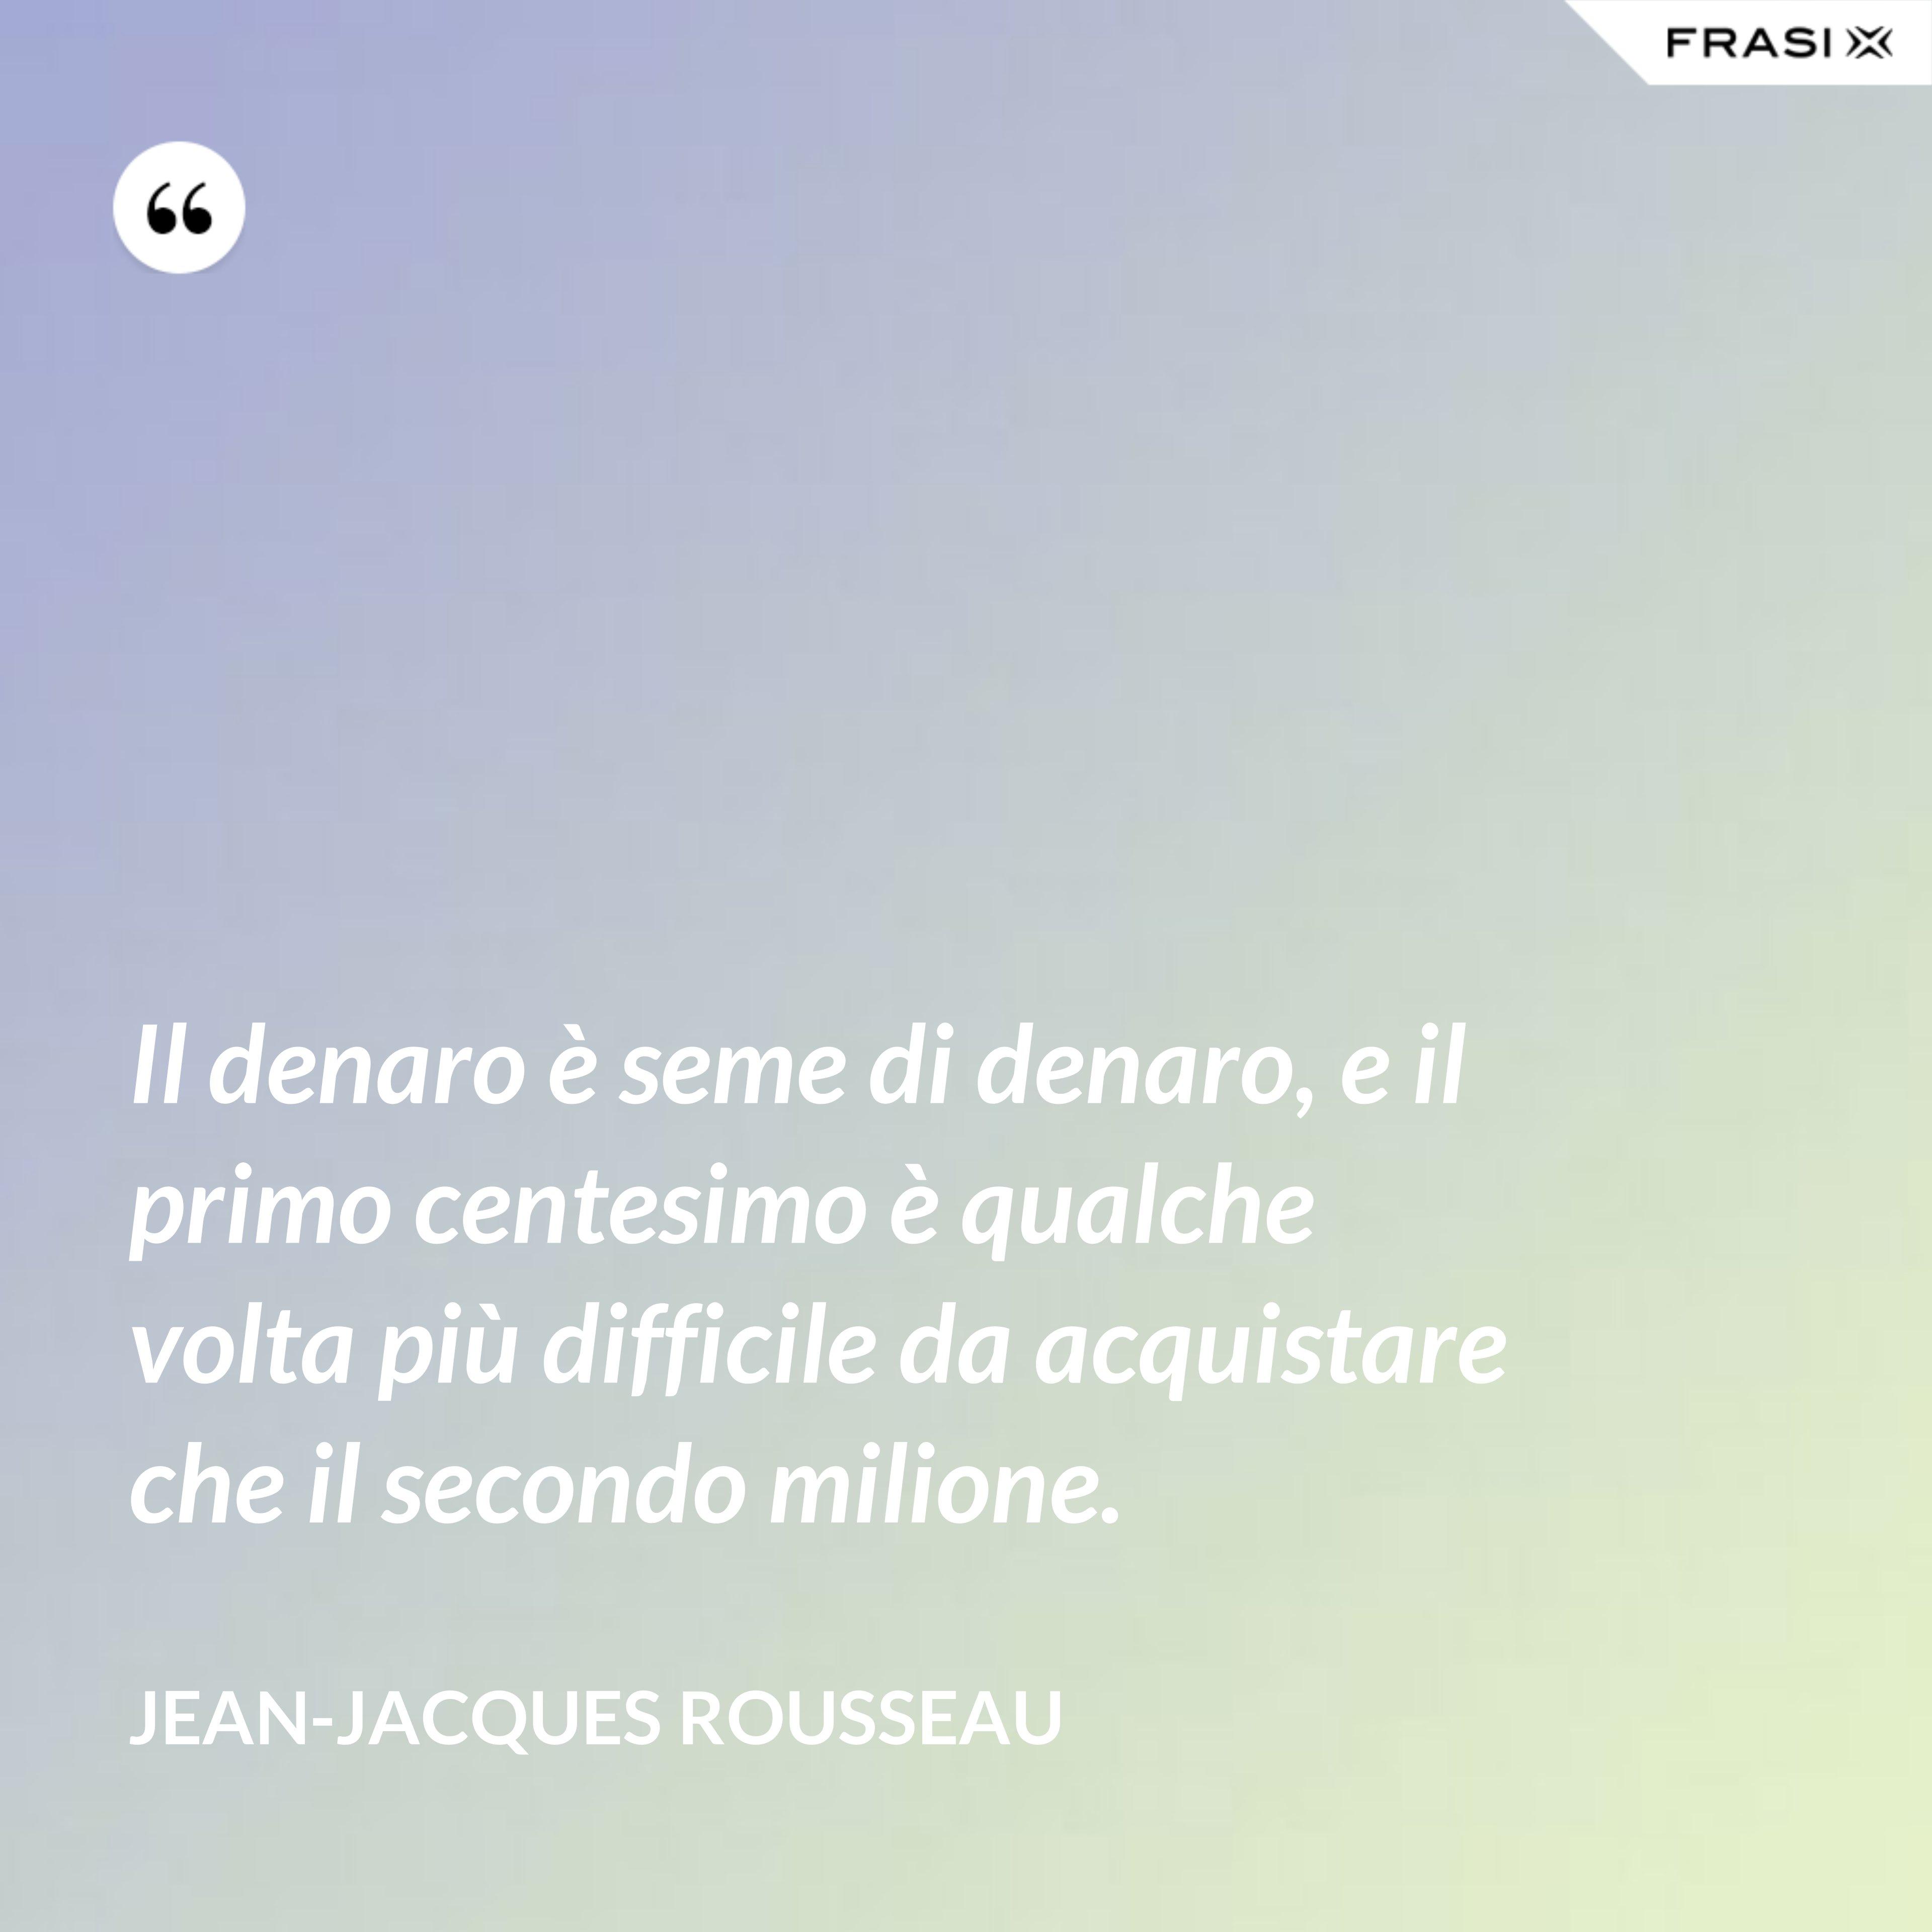 Il denaro è seme di denaro, e il primo centesimo è qualche volta più difficile da acquistare che il secondo milione. - Jean-Jacques Rousseau